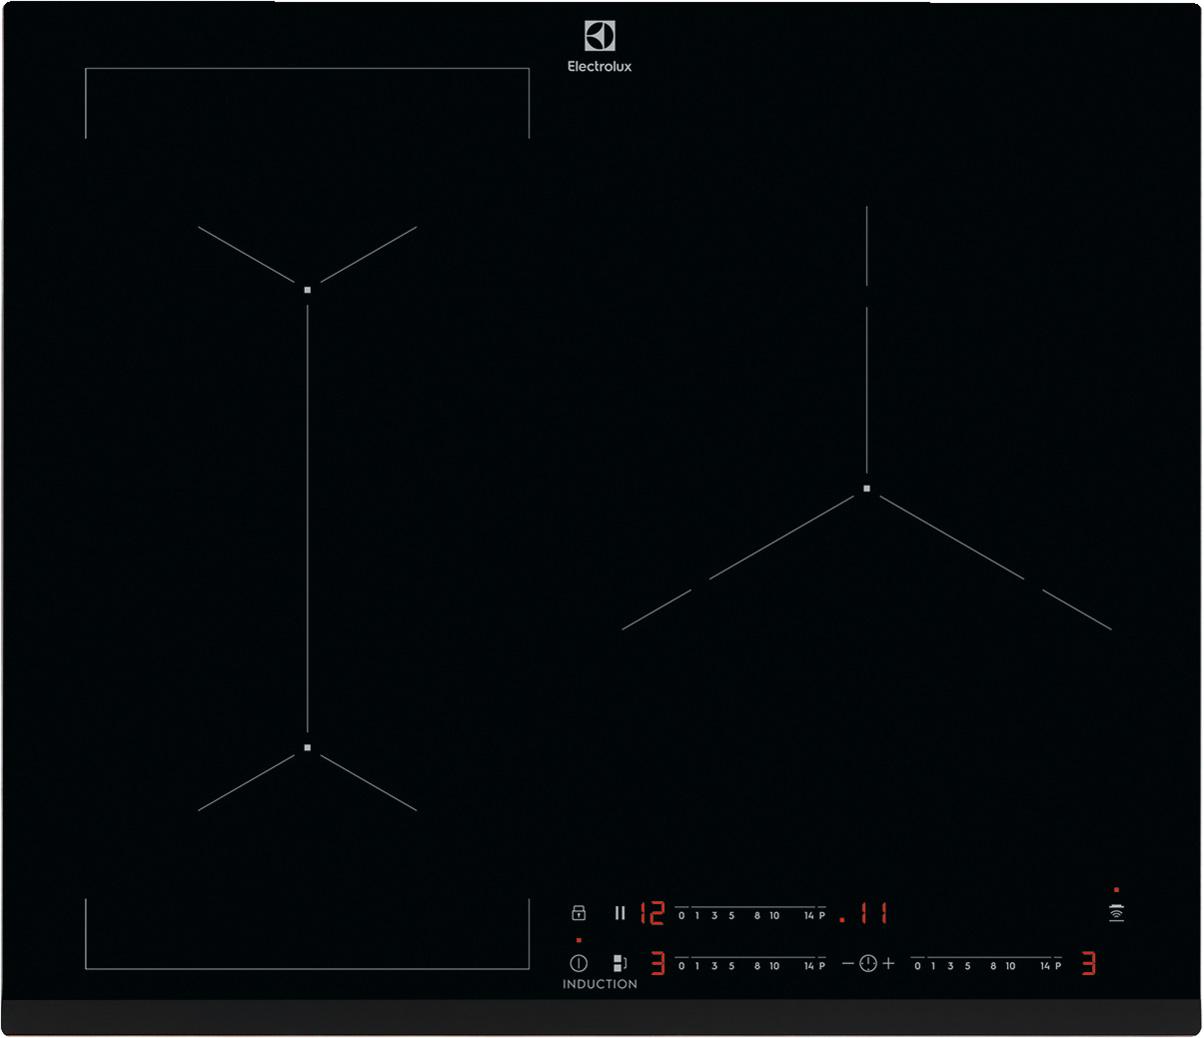 [Electrolux] 인덕션 브릿지 (EIV63344)